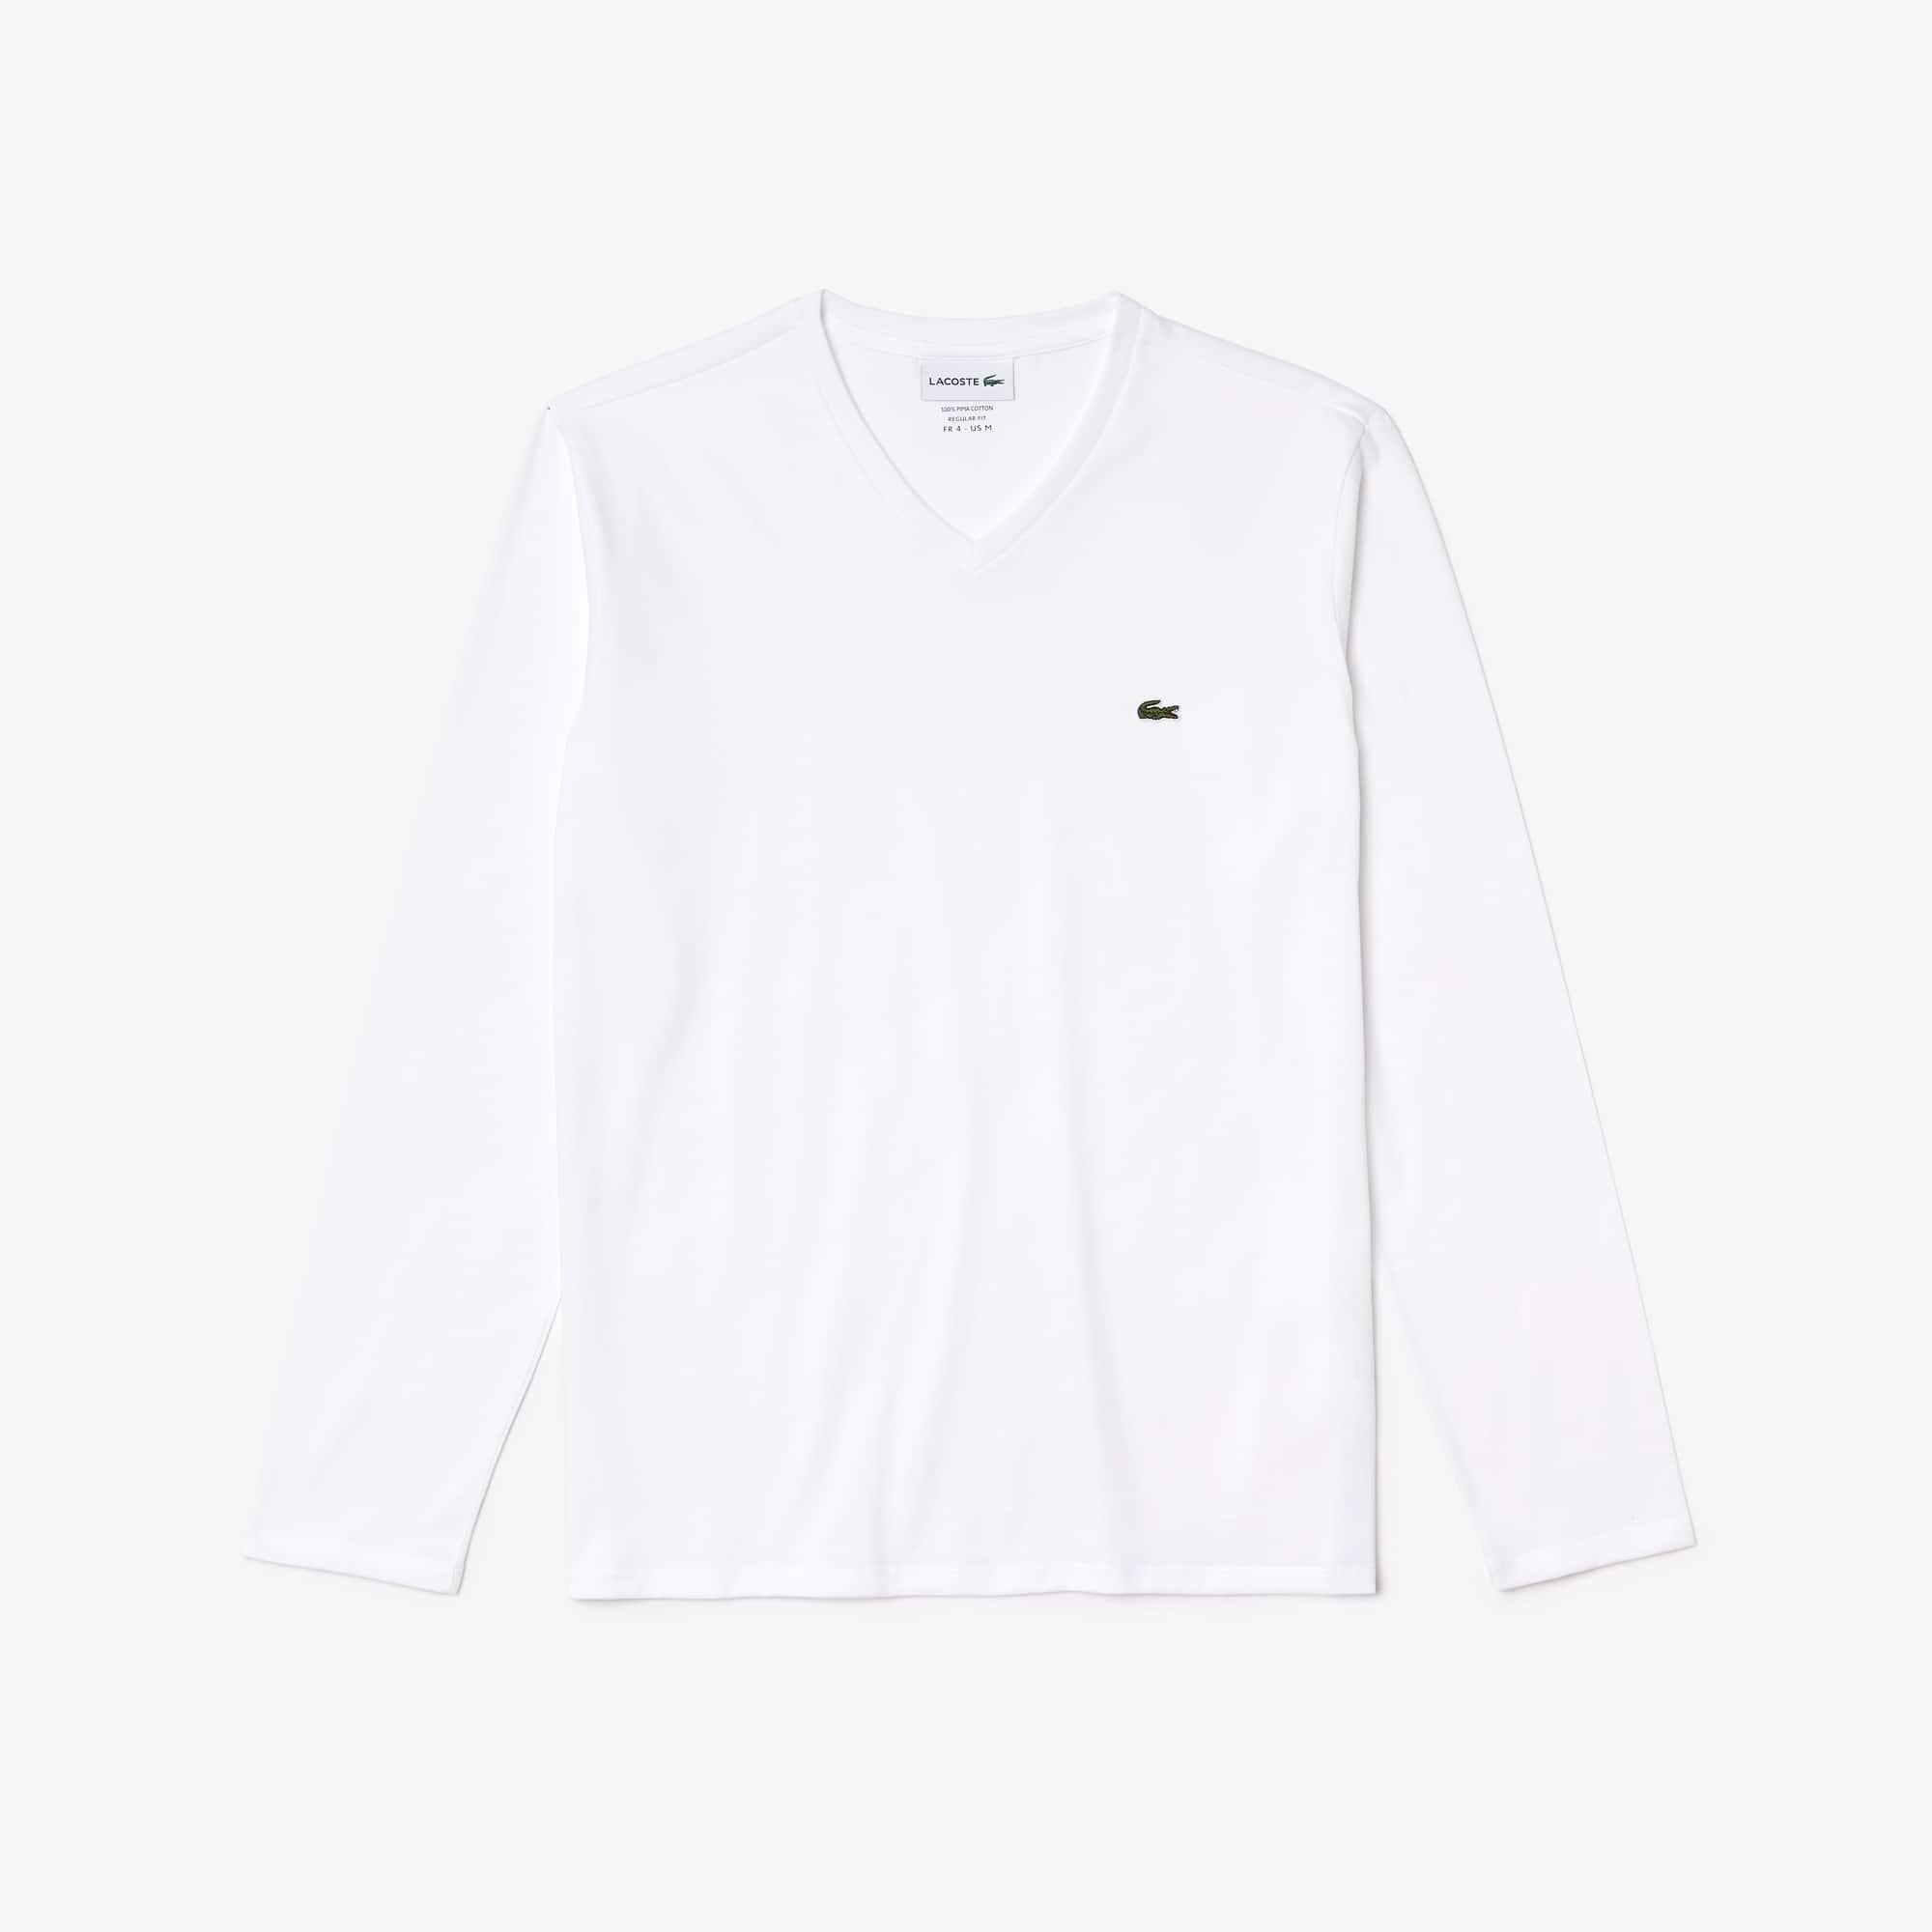 라코스테 V넥 긴팔 티셔츠 Lacoste Mens V-neck Pima Cotton Jersey T-shirt,white